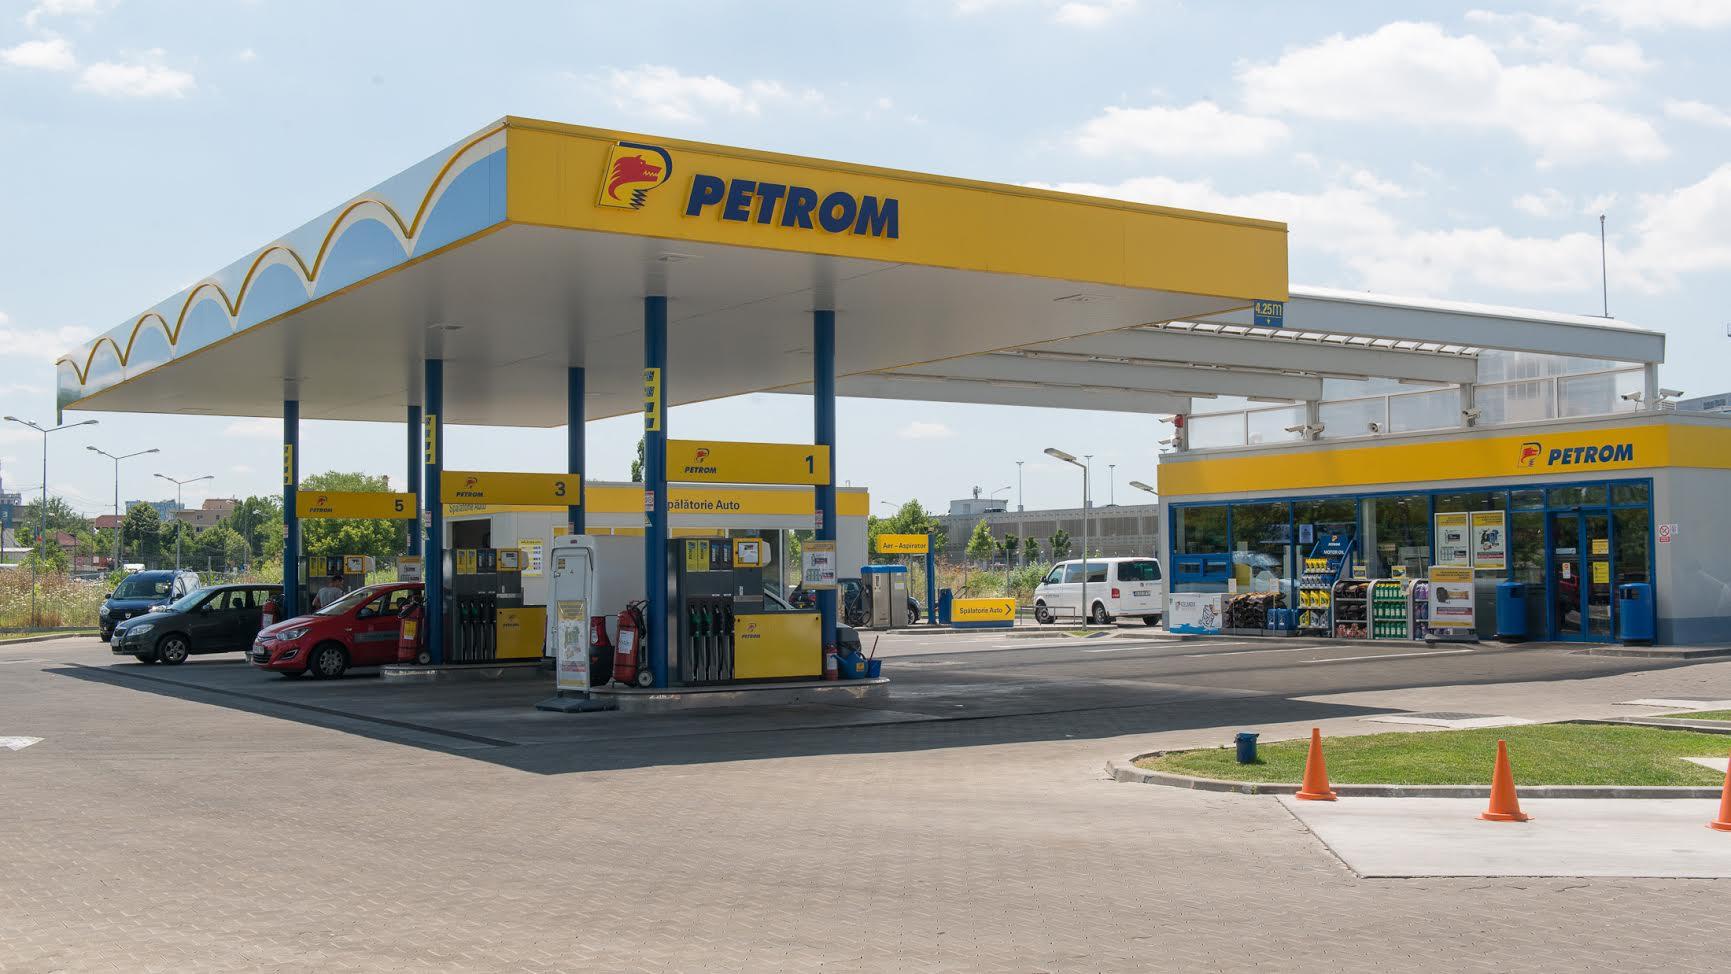 Preţul carburanţilor tot creşte: 4 bani pe litru în ultima săptămână. Care sunt cele mai ieftine benzinării Petrom din Bucureşti